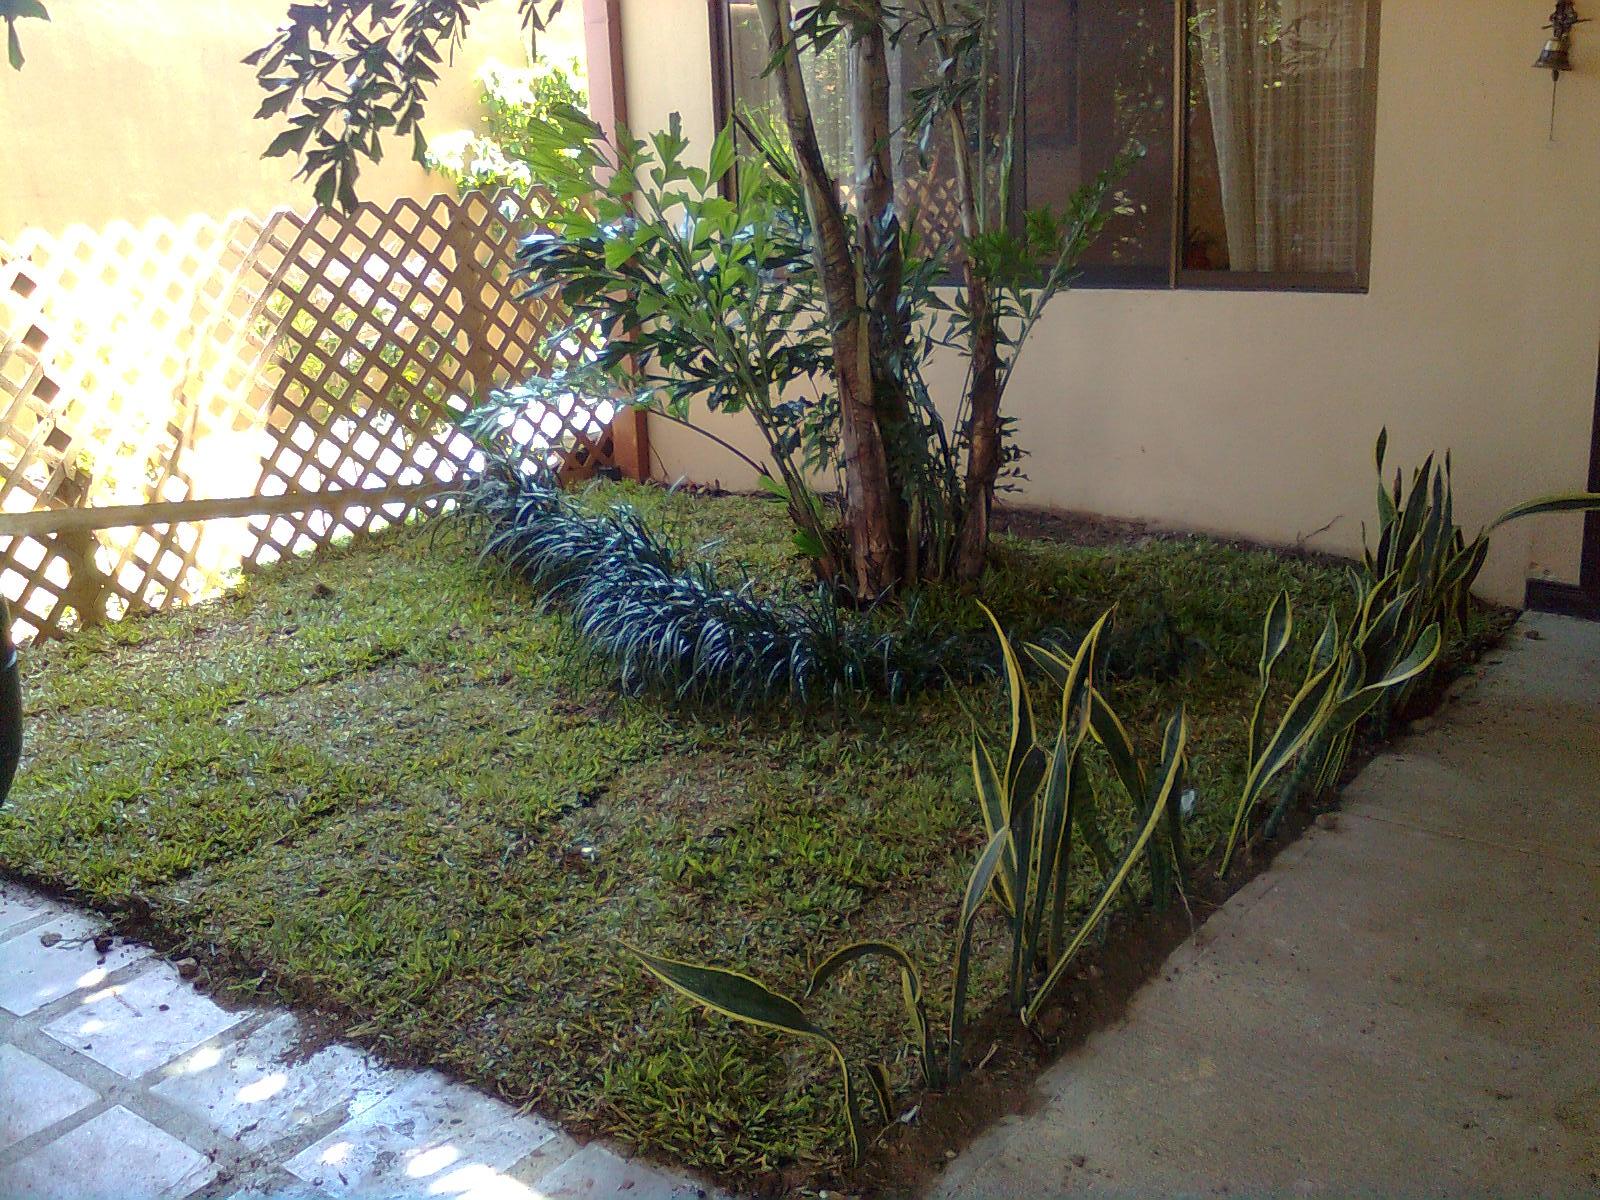 Mantenimiento y dise o de jardines decoraci n entrada for Decoracion jardin seco